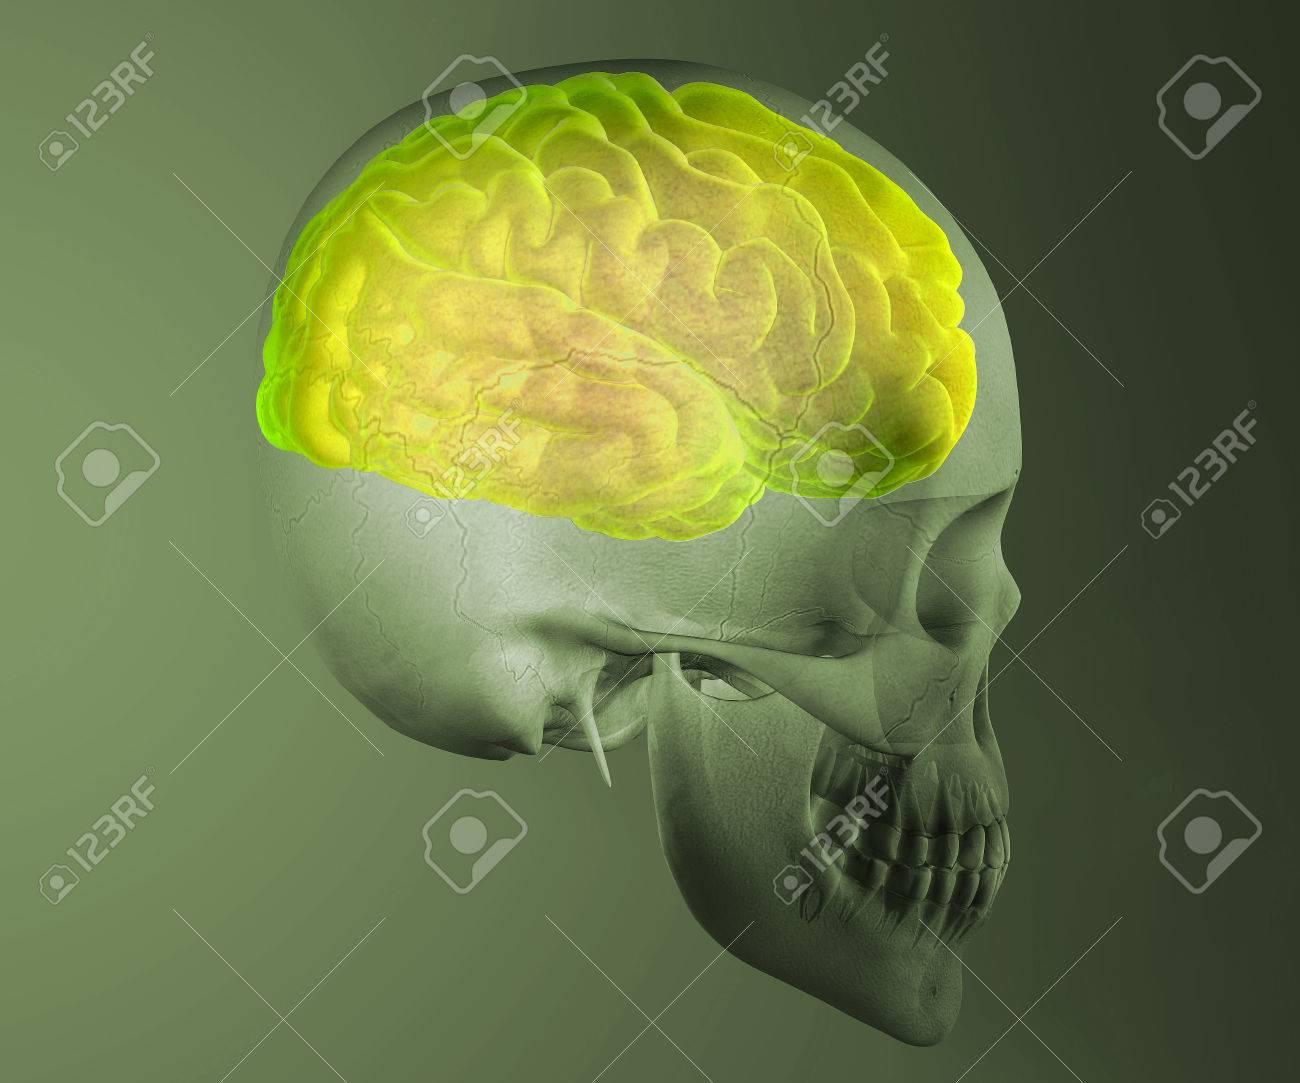 Gehirn-Schädel X-ray-Kopf-Anatomie Lizenzfreie Fotos, Bilder Und ...